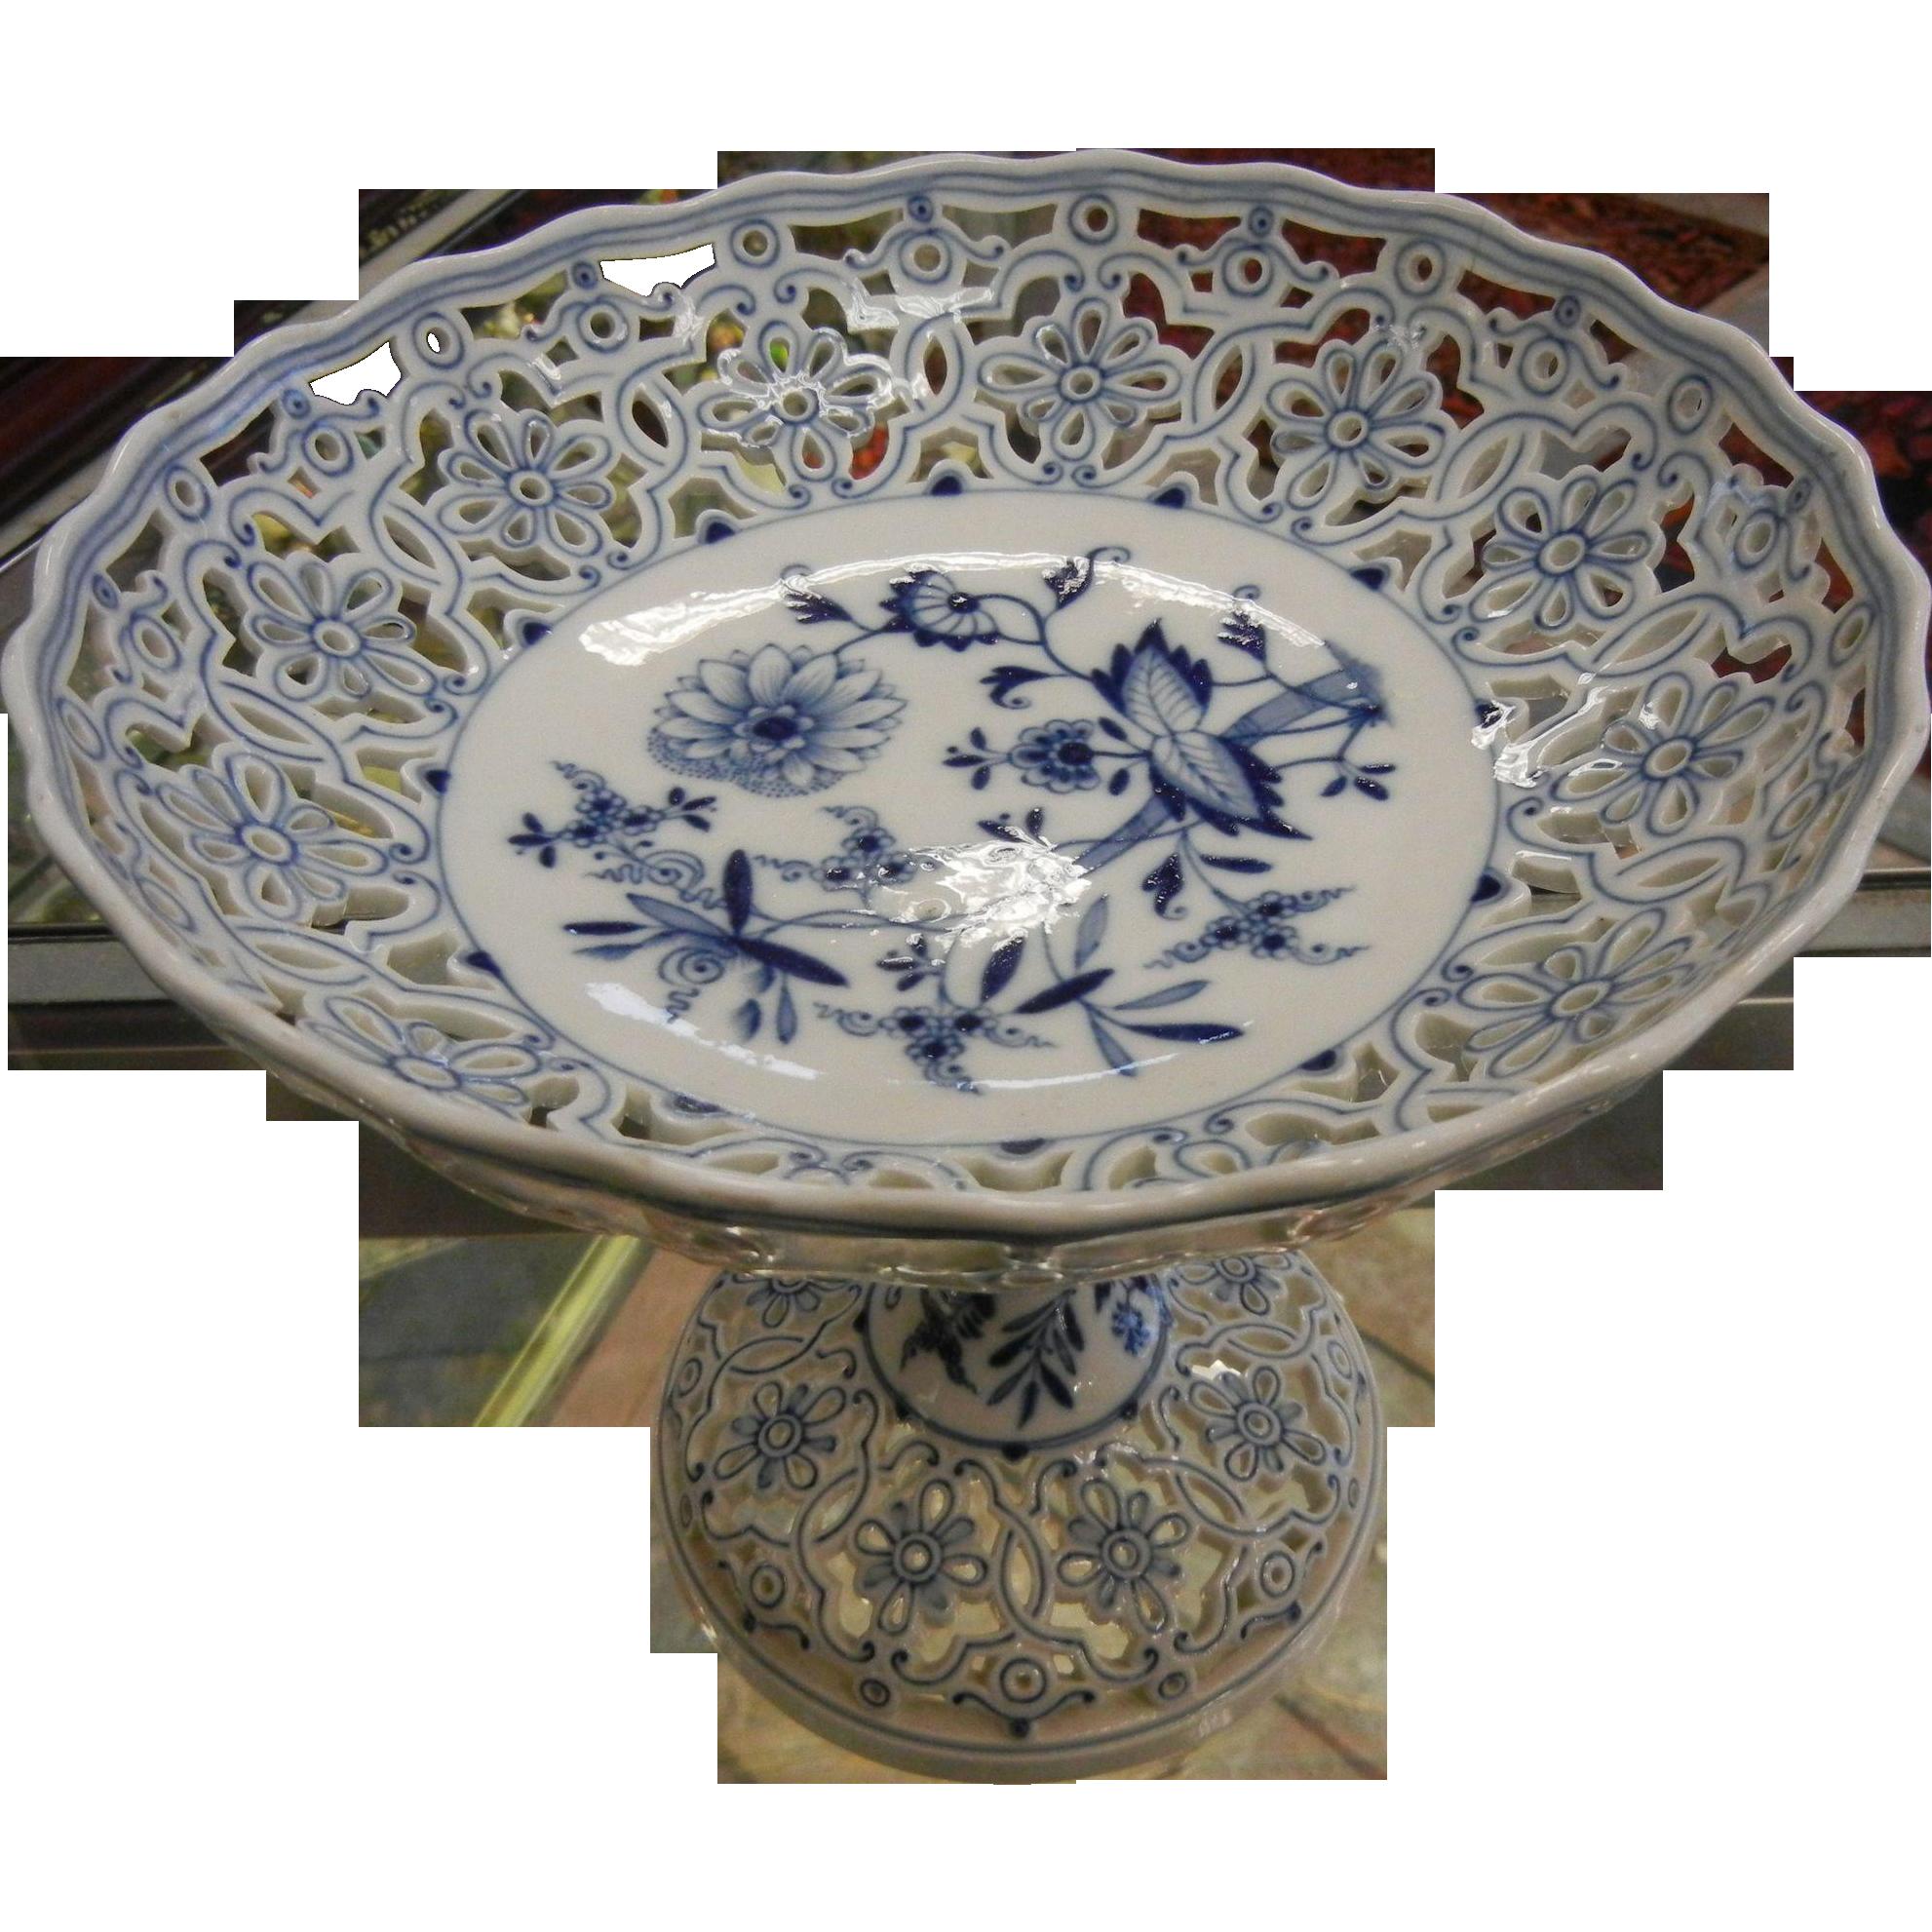 Antique Meissen Signed White & Blue Porcelain Pedestal Dish Tazza